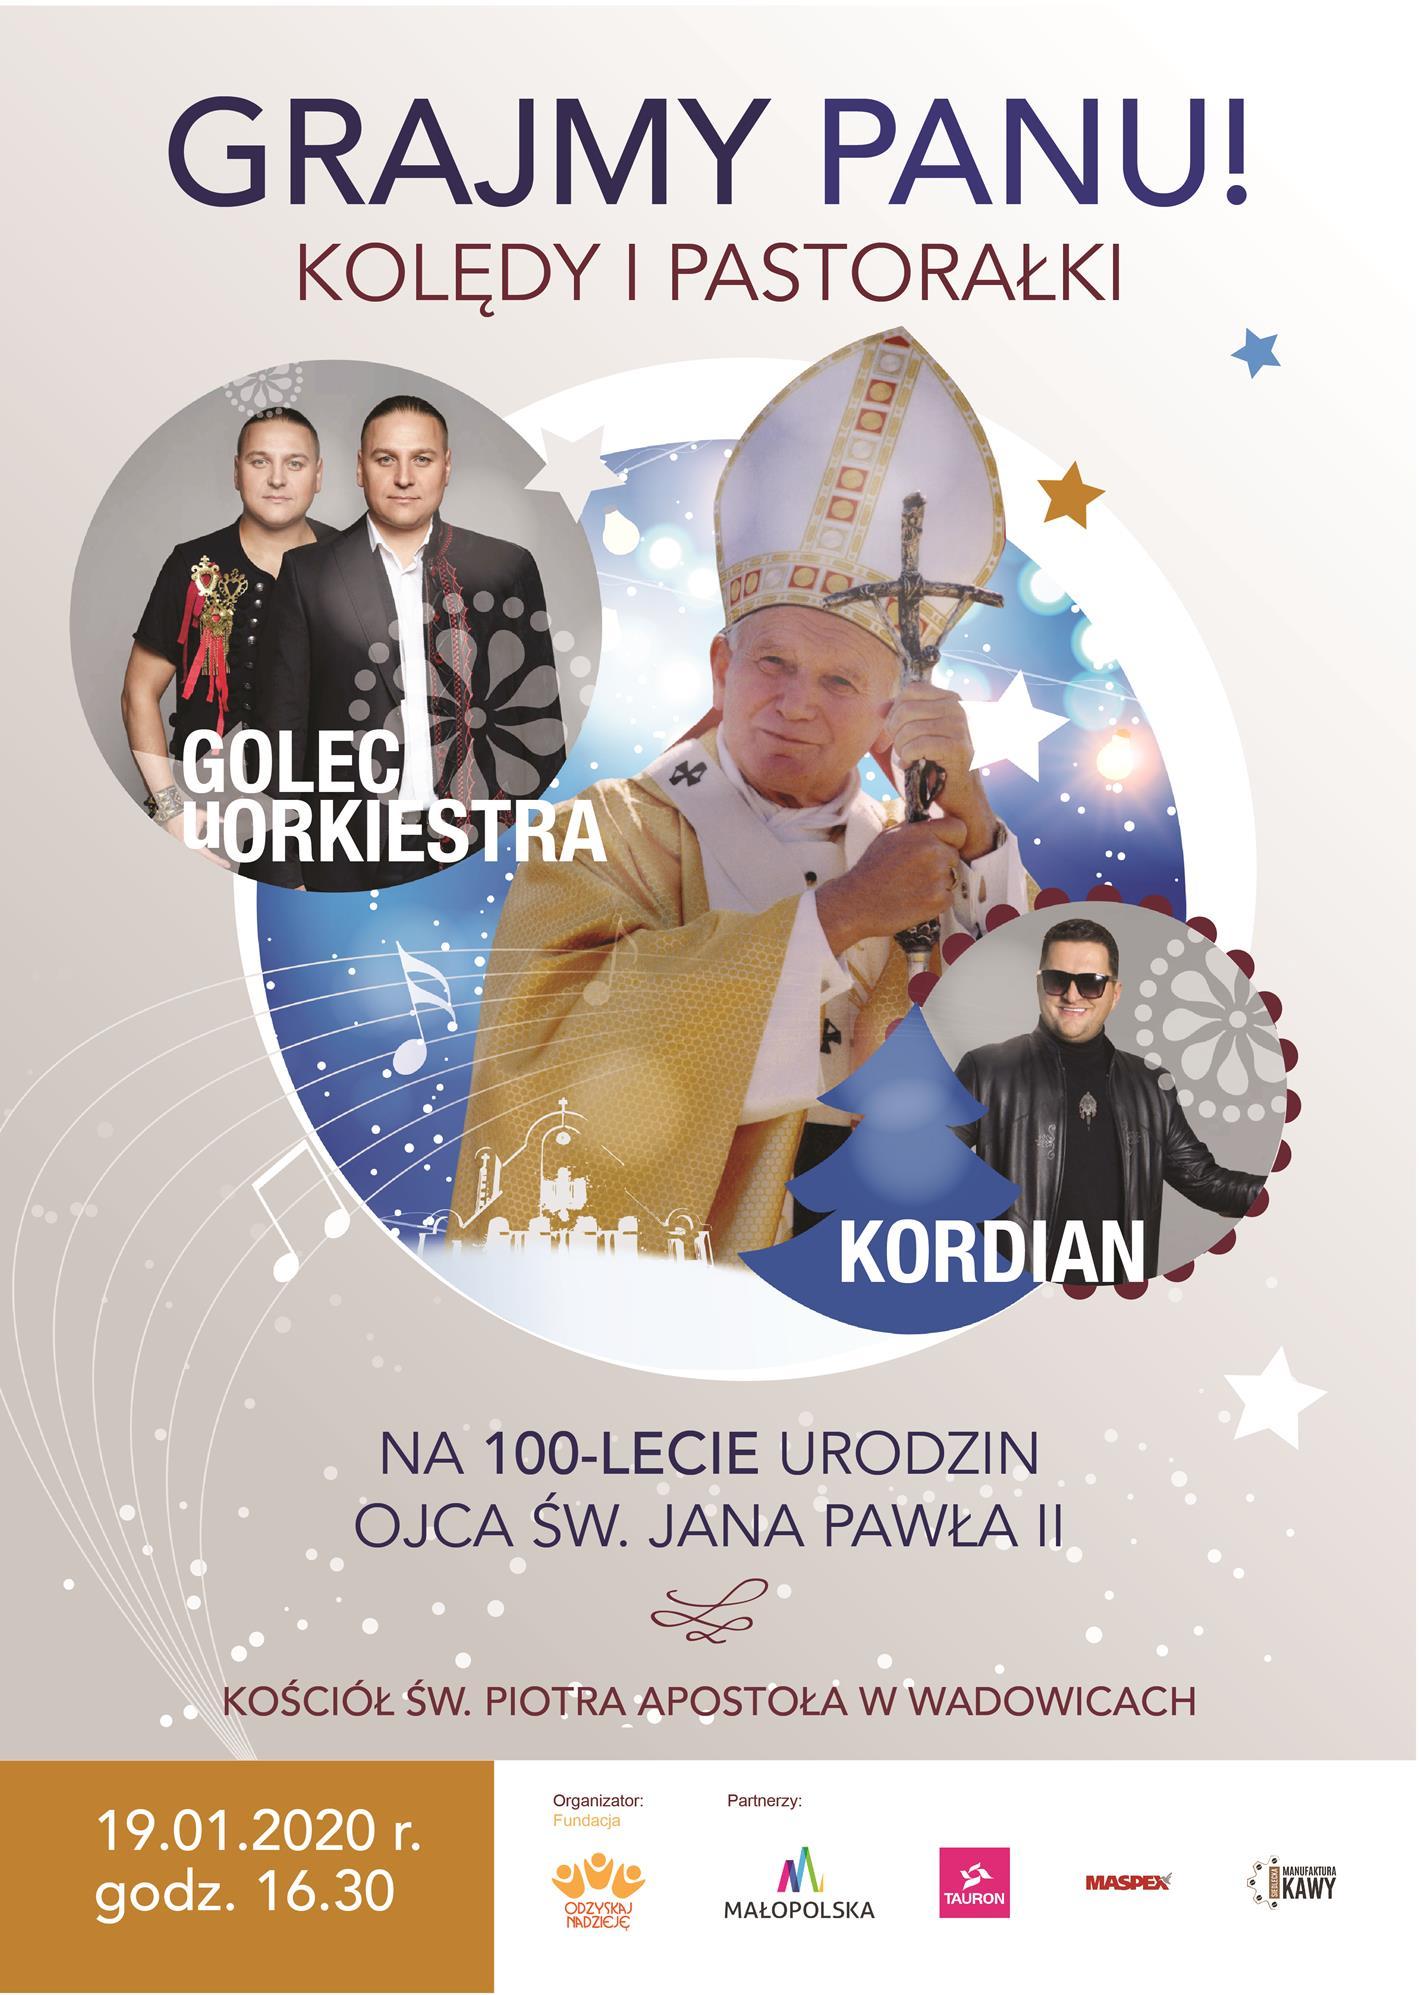 Szykuje się specjalny koncert w kościele z okazji 100 – lecia urodzin papieża